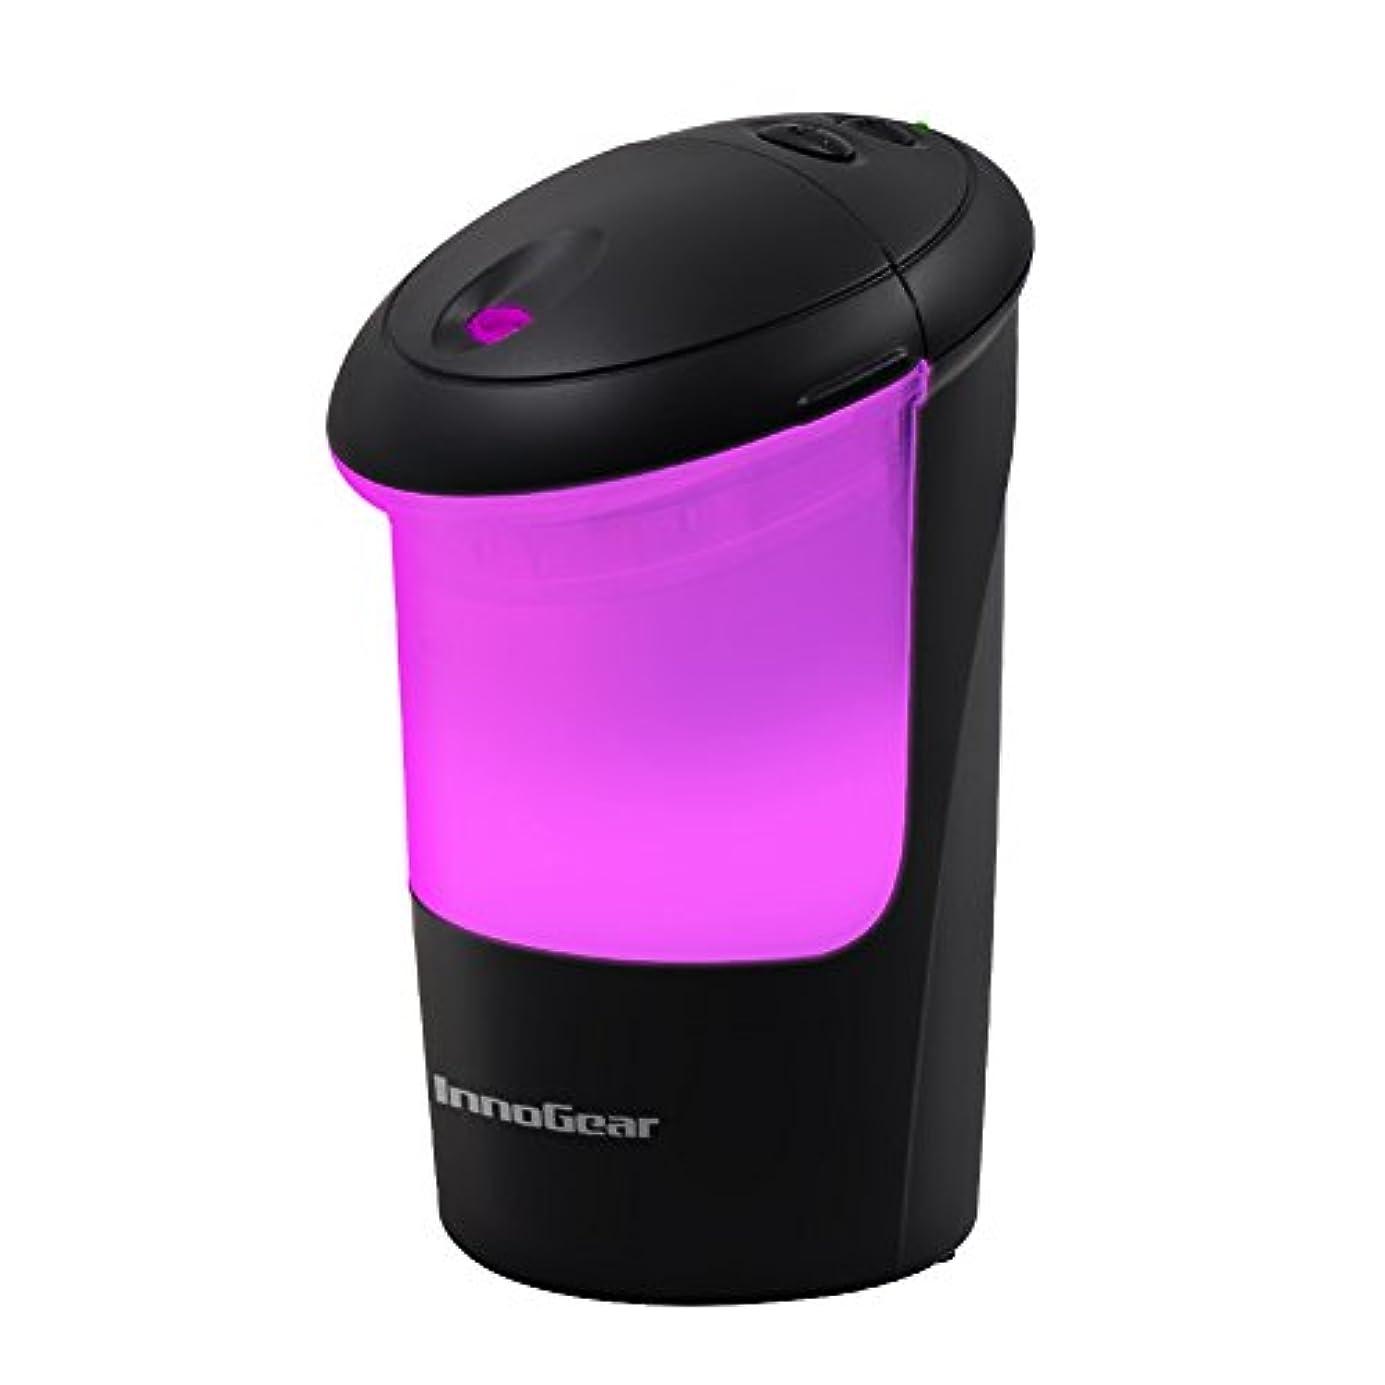 関係品どちらもInnoGear USB車Essential Oil Diffuser Air Refresher超音波アロマテラピーDiffusers with 7カラフルなLEDライトオフィス旅行ホーム車の ブラック UD50